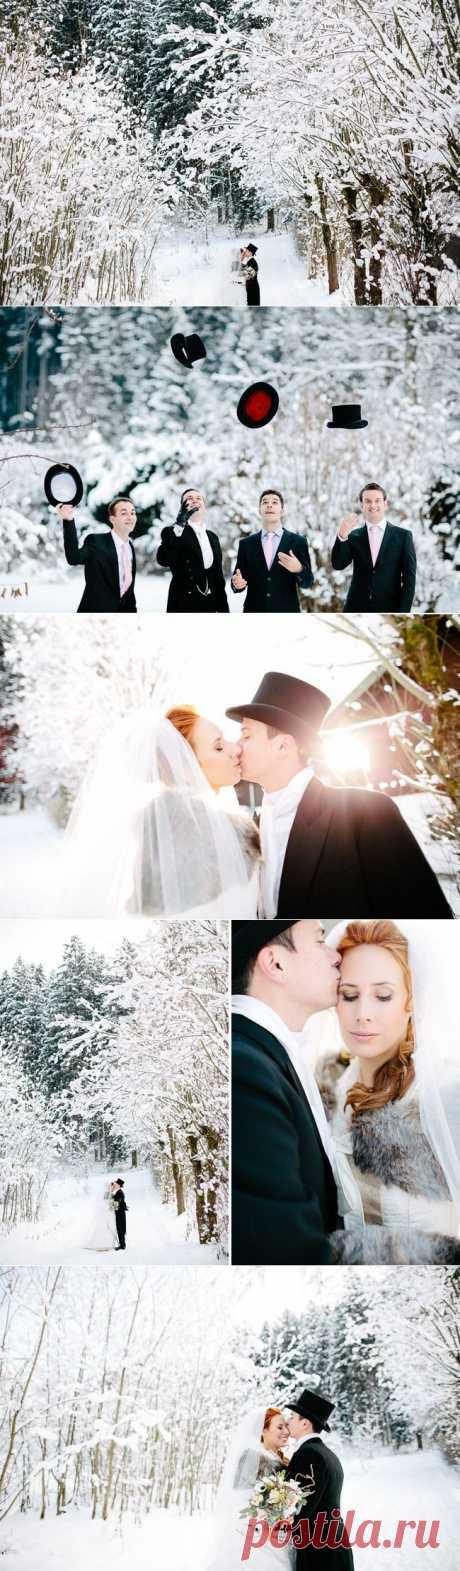 """Реальная история: зимняя свадьба в стиле """"Алиса в стране чудес""""   Идеи для моей свадьбы"""